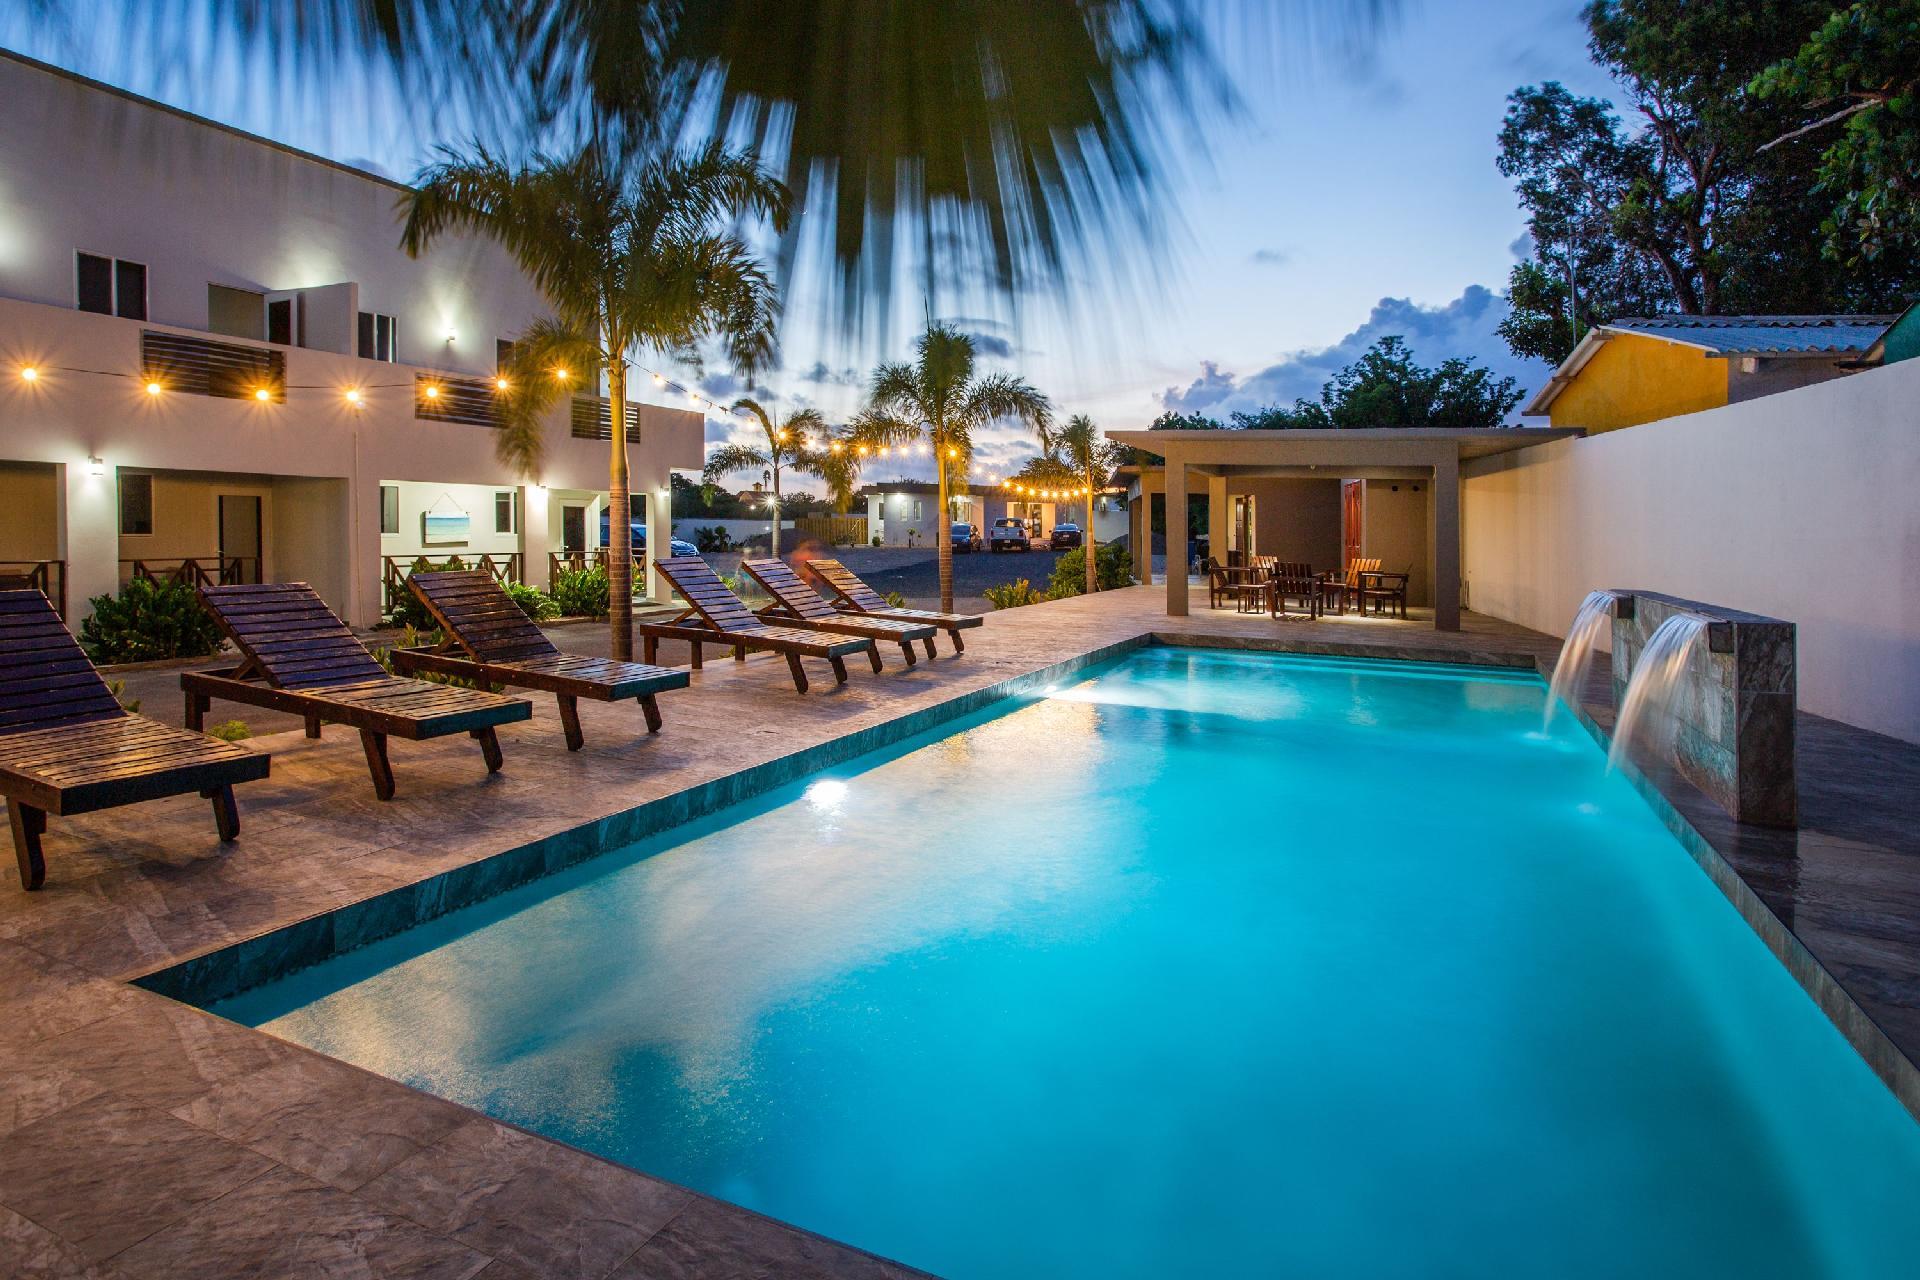 Ferienwohnung für 4 Personen ca. 80 m² i  in Mittelamerika und Karibik